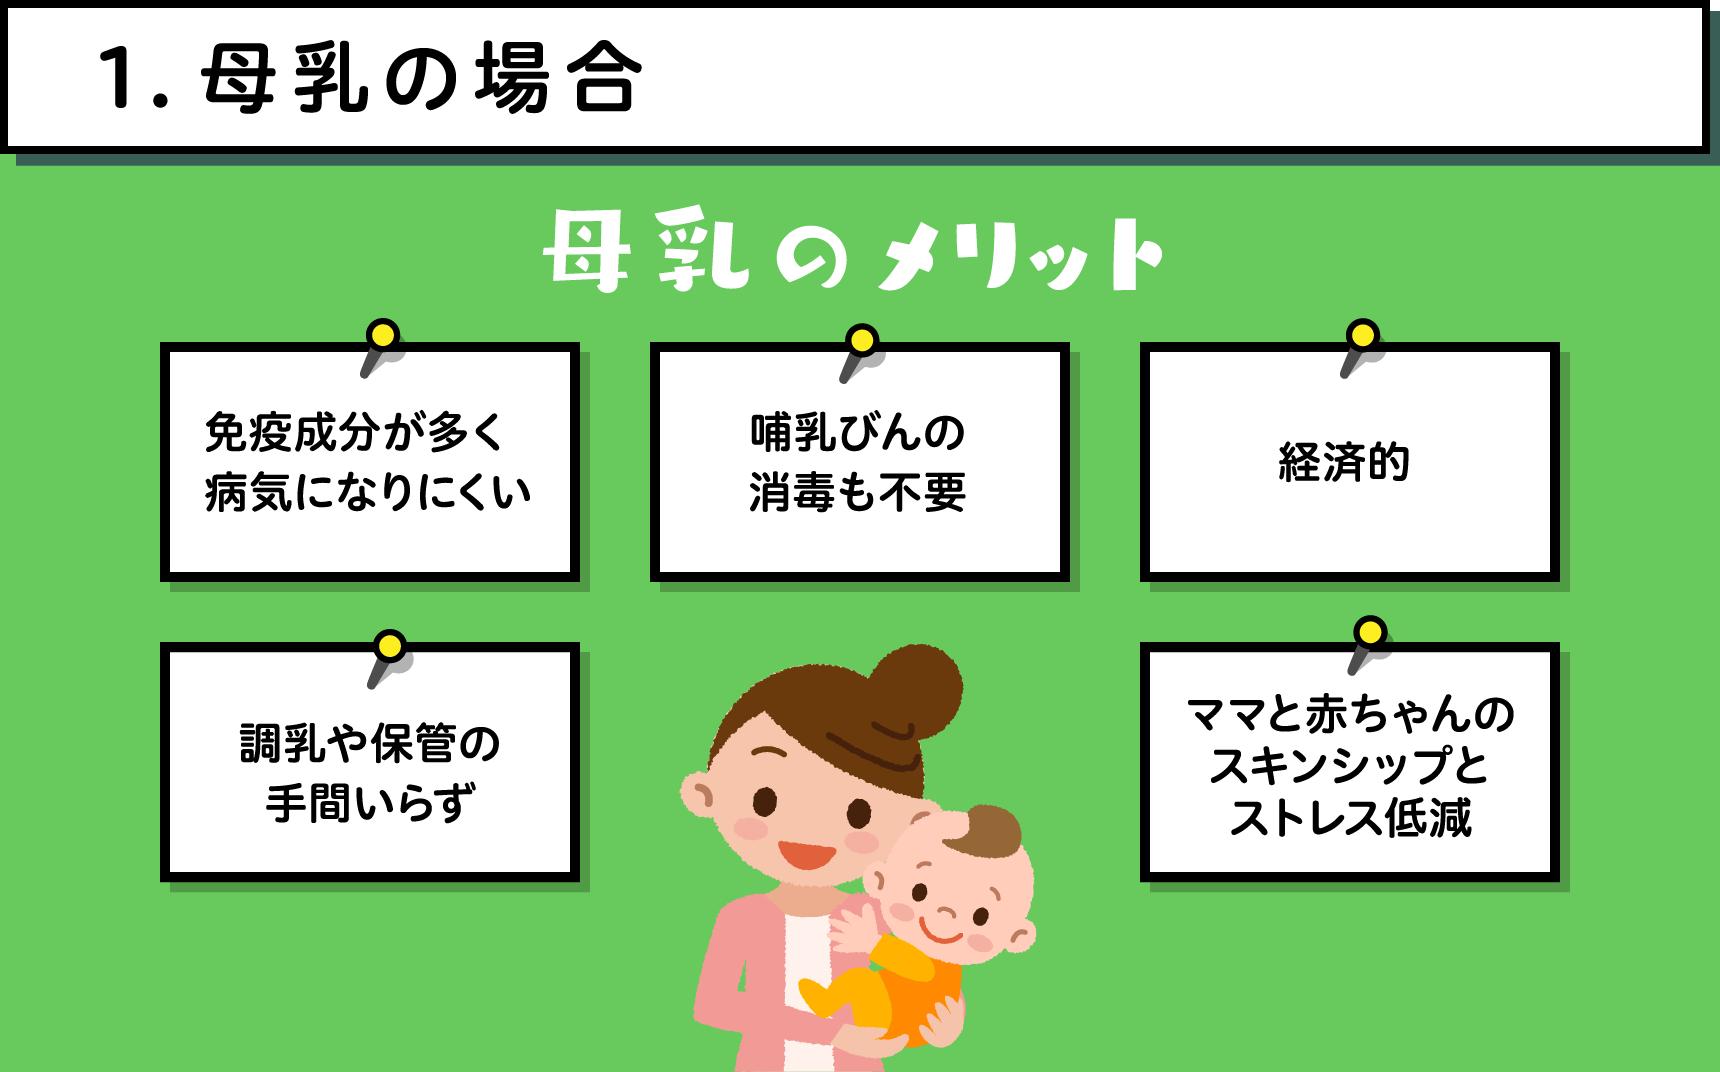 母乳の場合